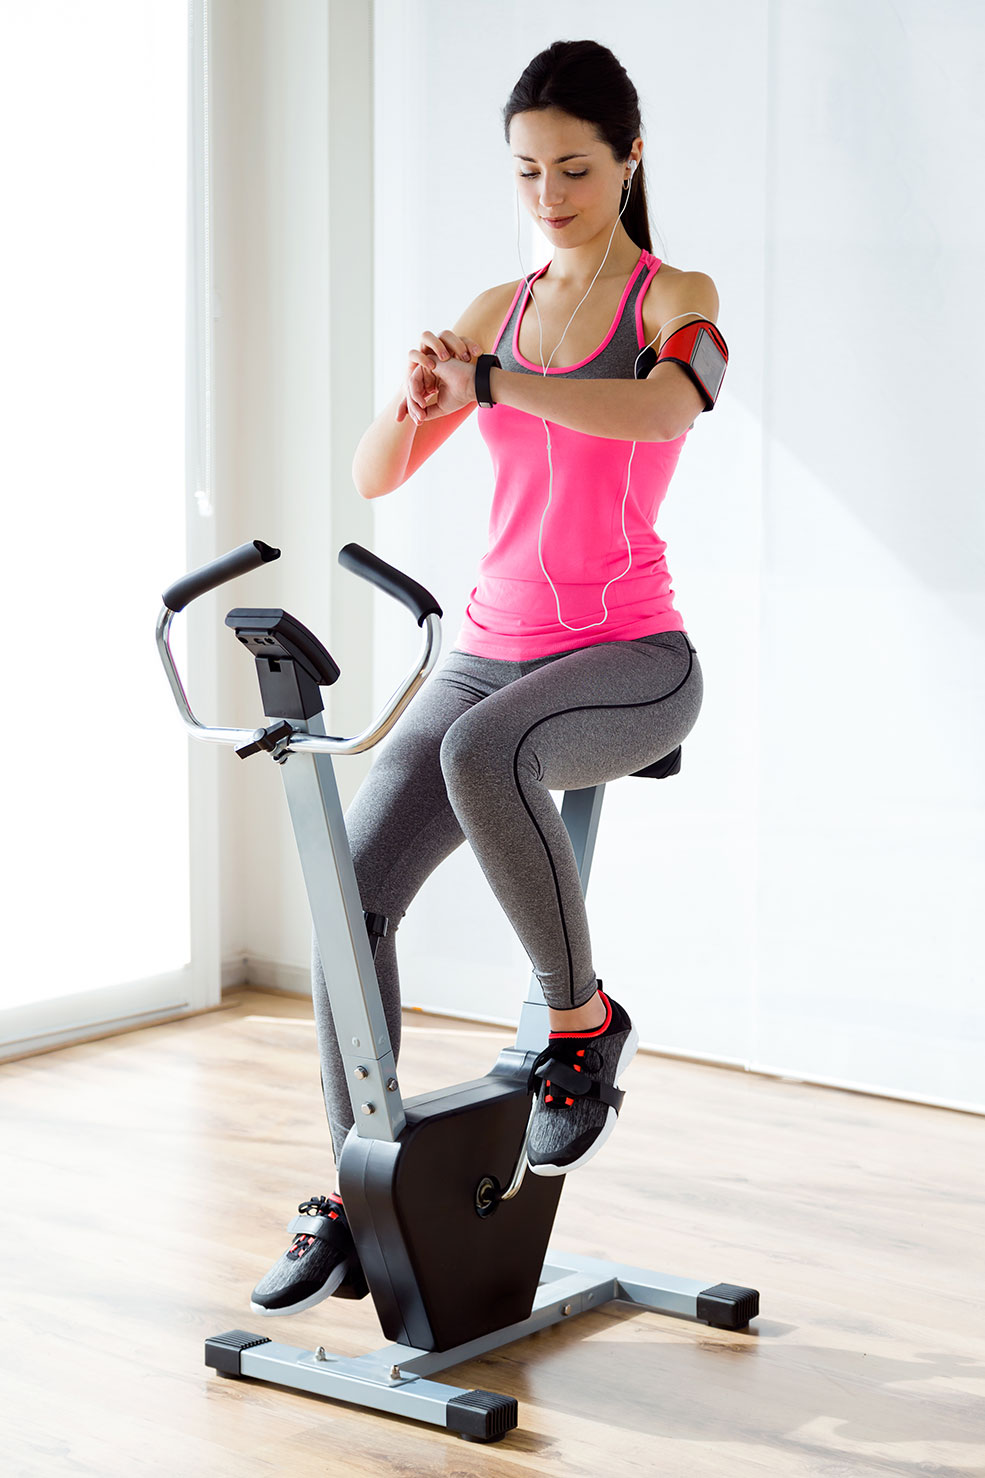 Комплекс Упражнений Для Велотренажера Похудей. Велотренажёр для похудения